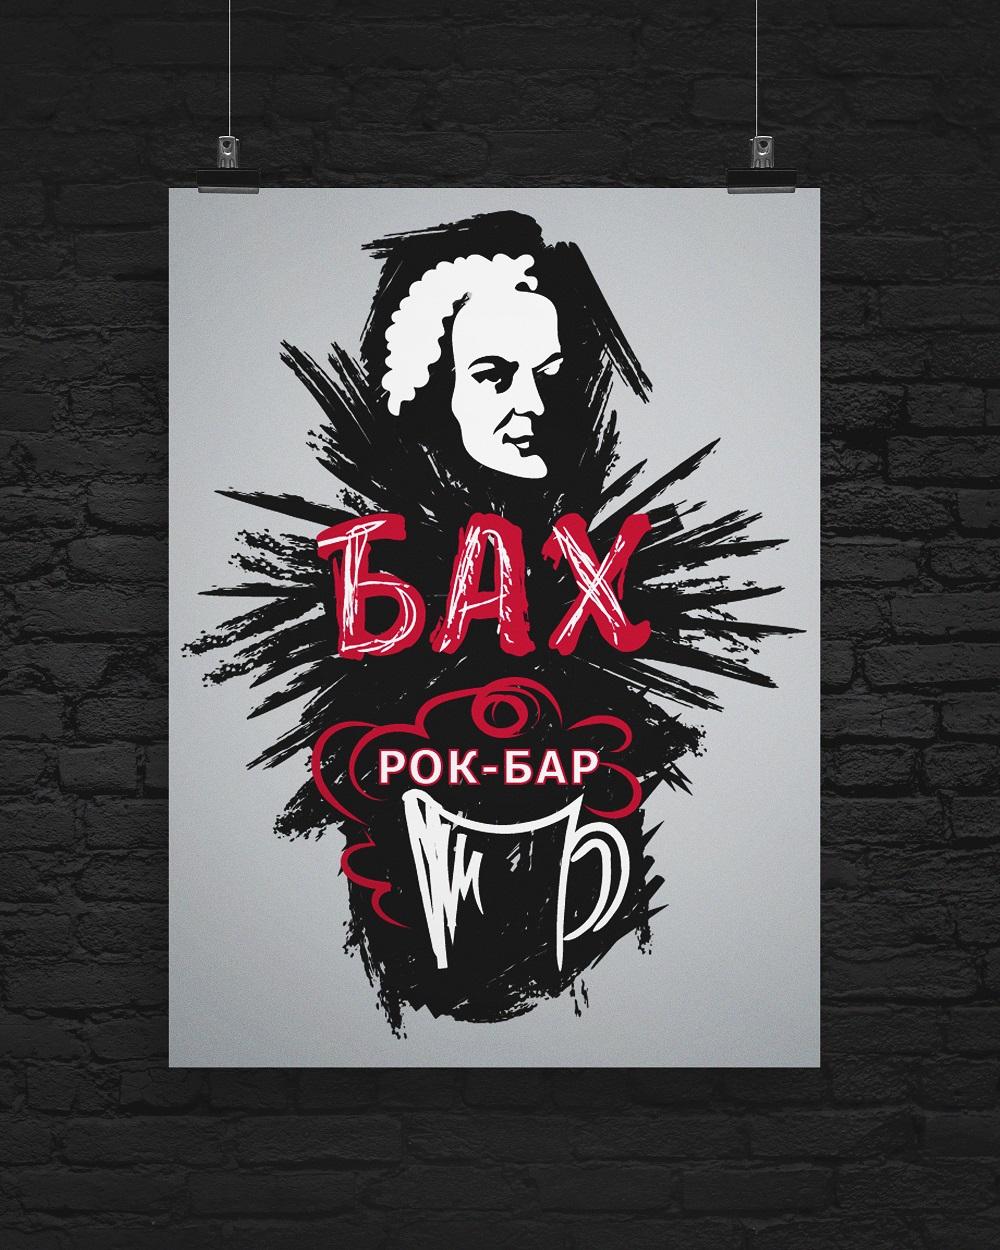 """Разработать логотип и вывеску рок-бару """"Бах"""" фото f_02959b6de8193cd6.jpg"""